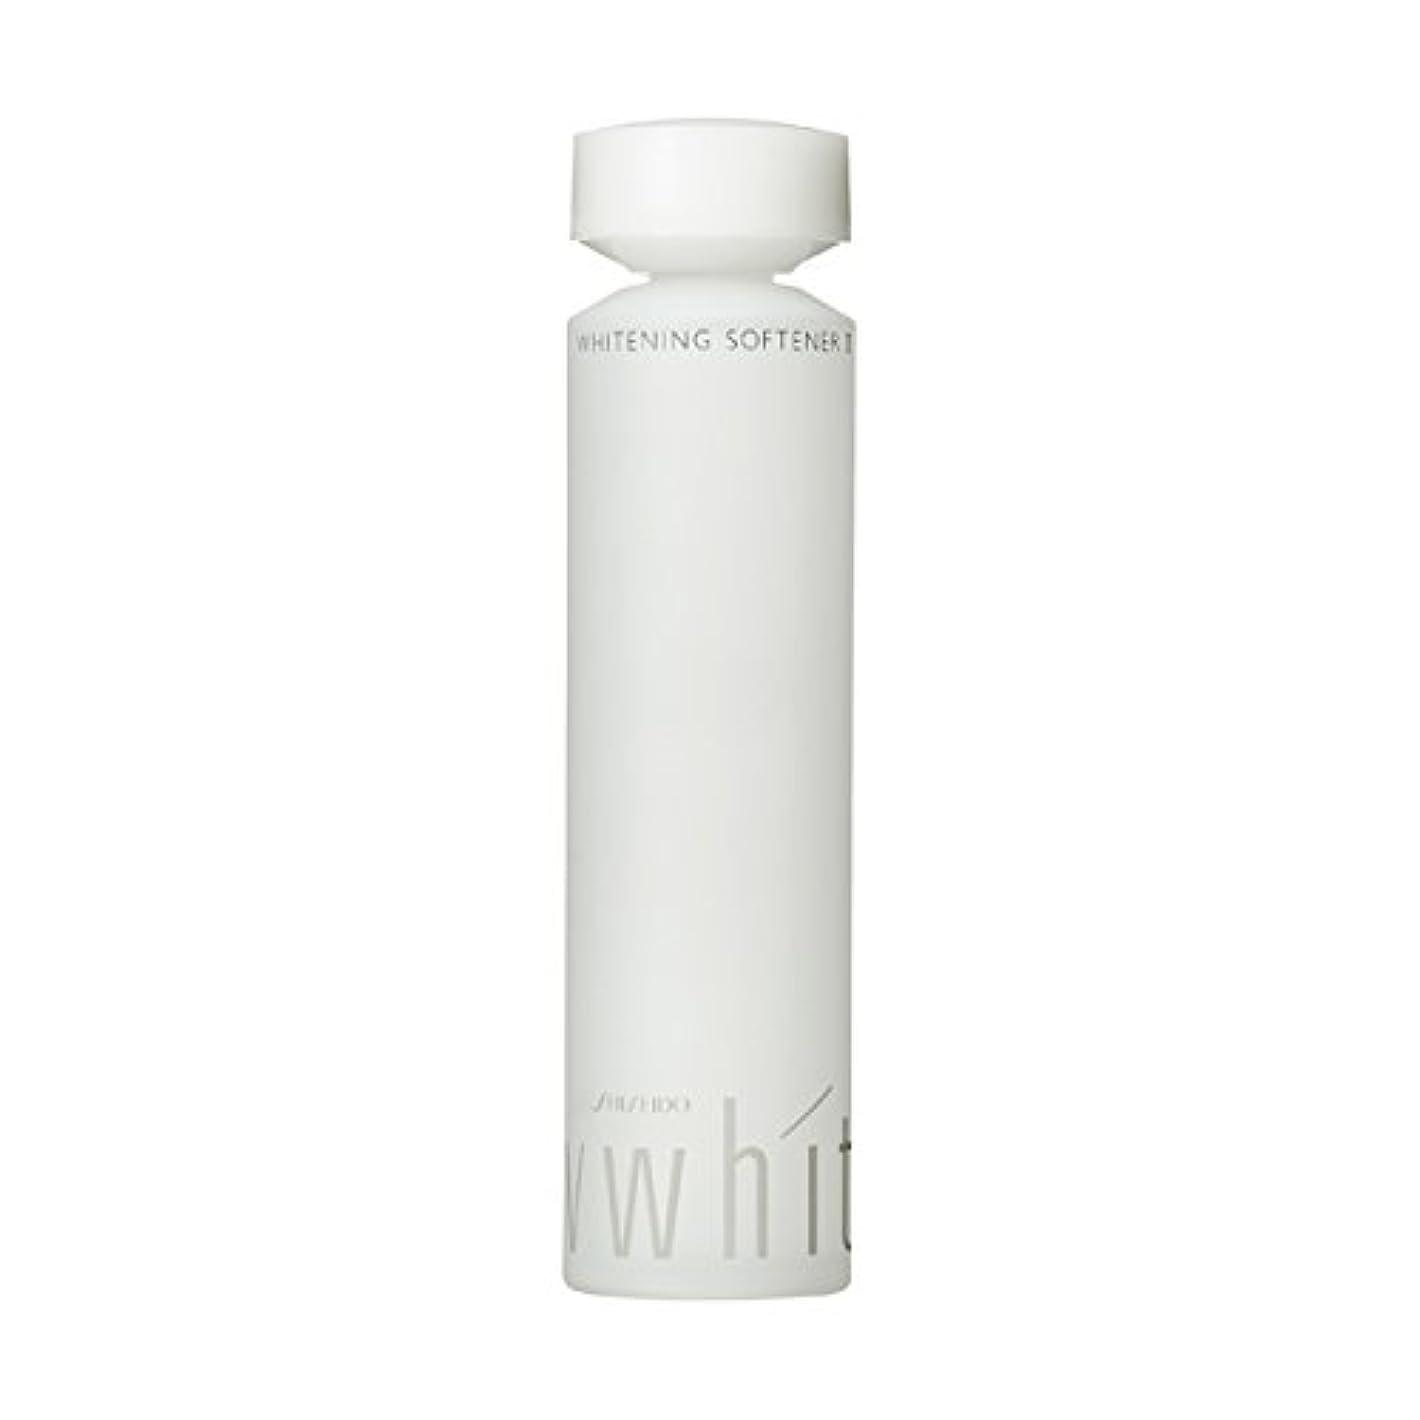 市民活性化するアストロラーベUVホワイト ホワイトニング ソフナー 2 150mL [医薬部外品]